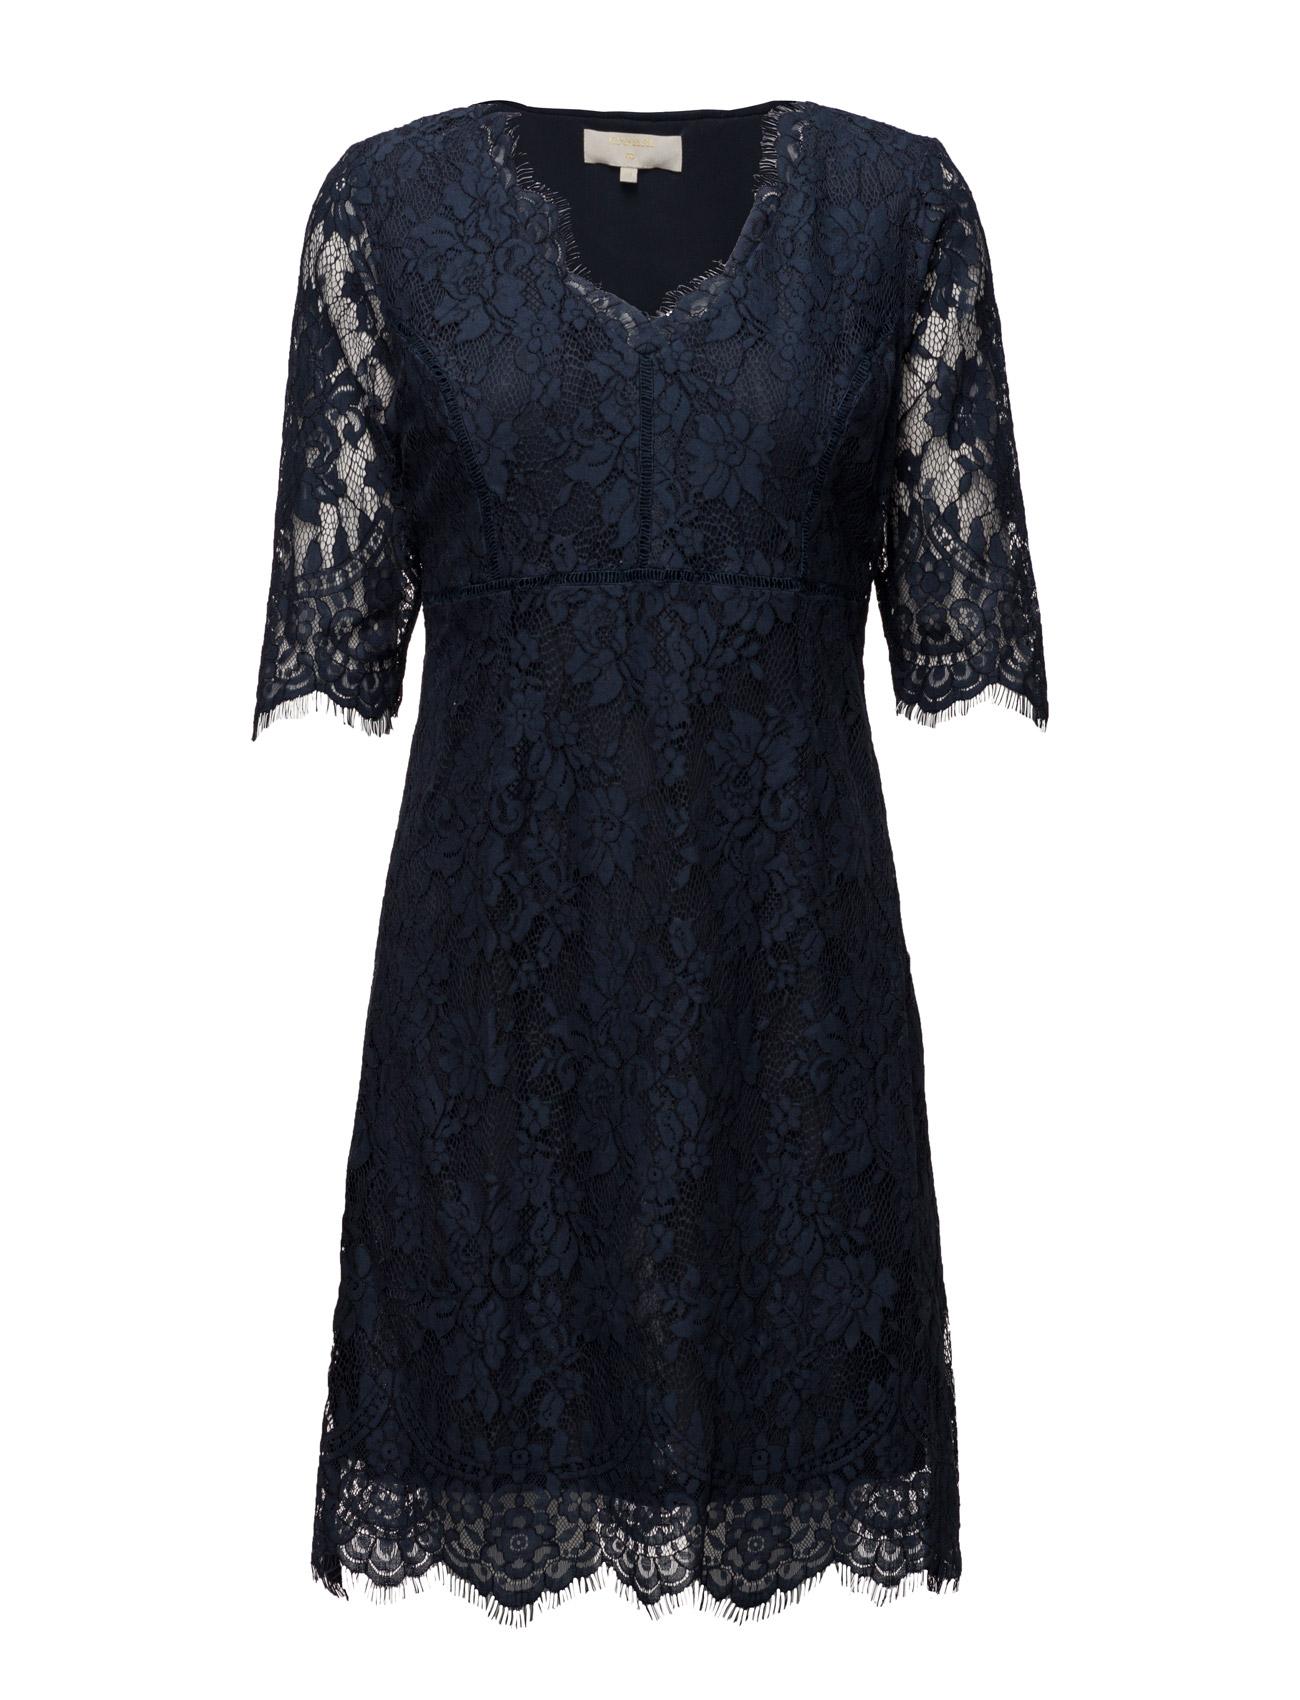 Adriana Lace Dress Cream Korte kjoler til Damer i Royal Navy Blå